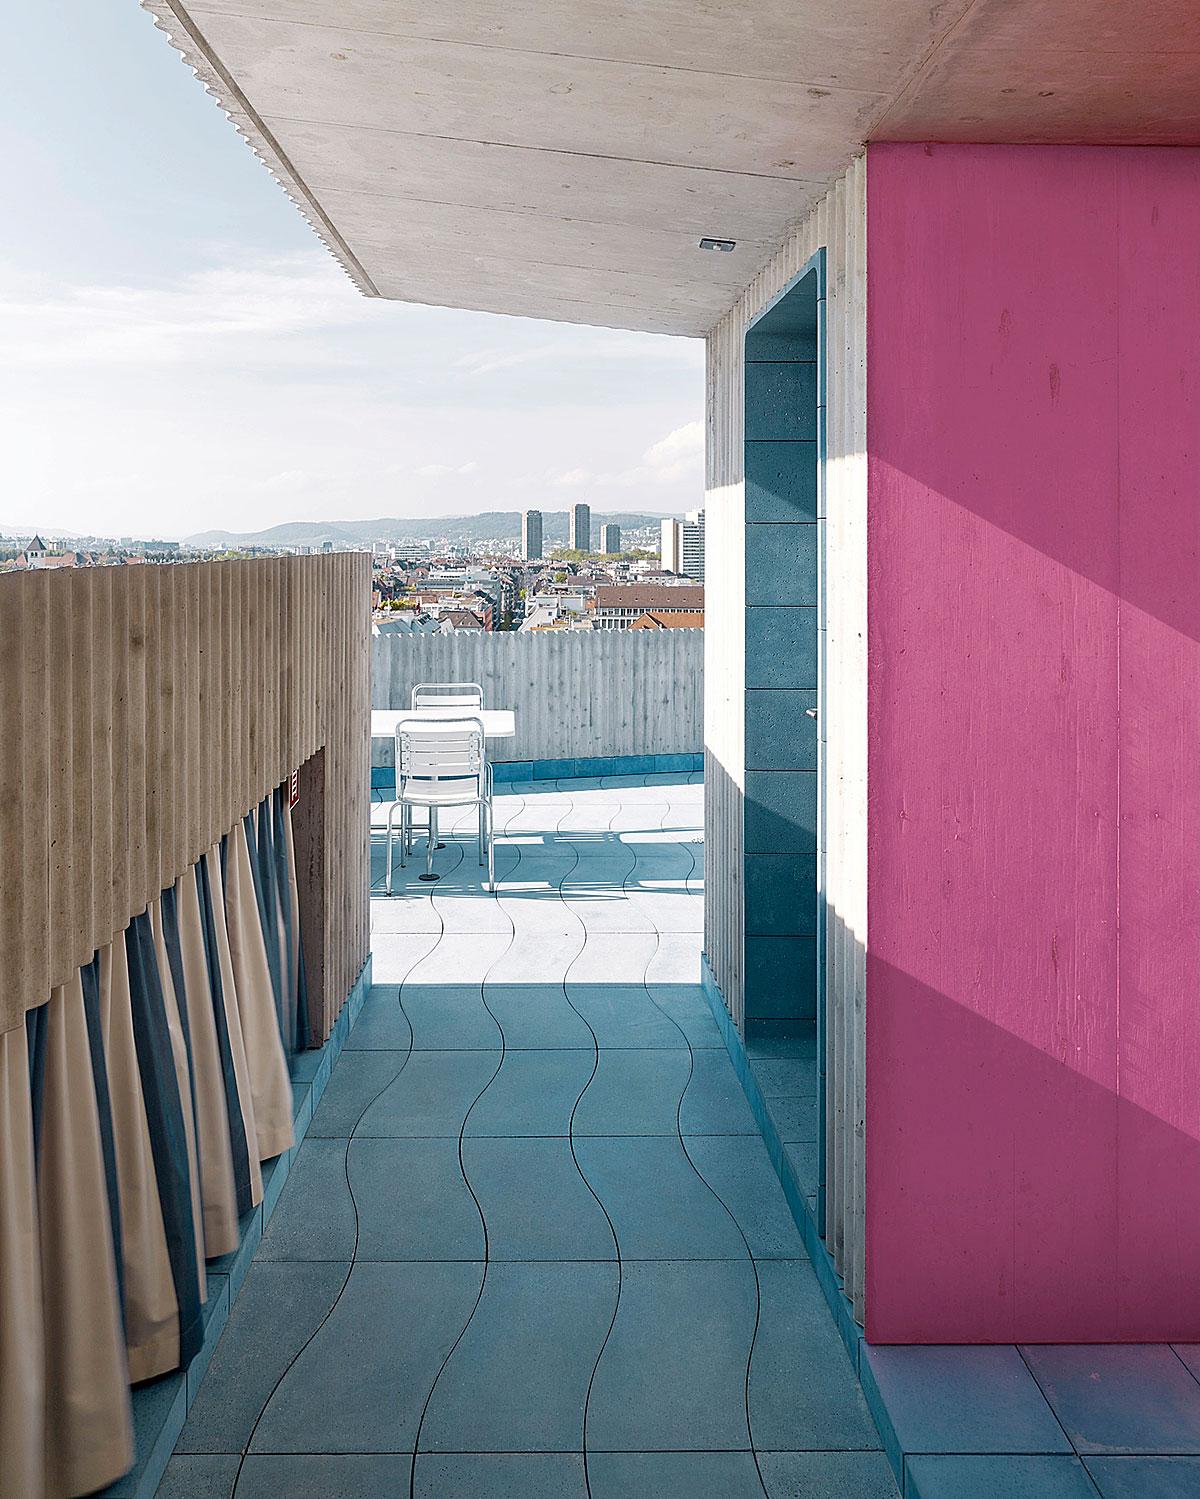 Hohes Haus West: Dachterrasse